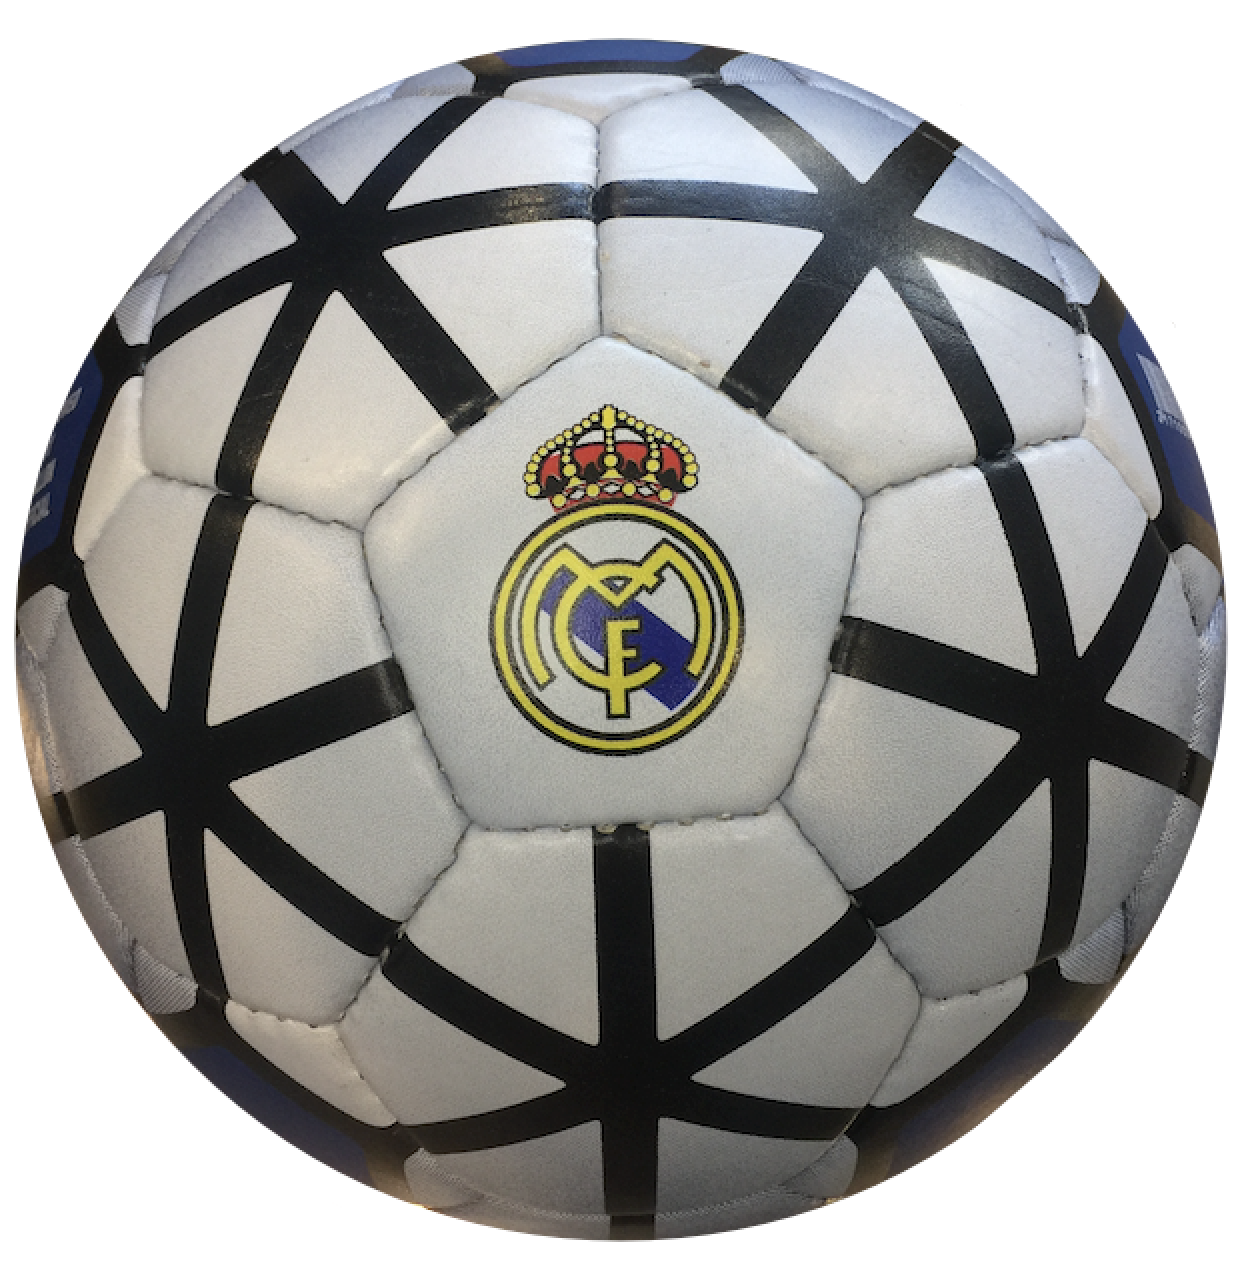 Футбольный мяч REAL MADRID (0047-164)  продажа d6a24aa856c8c